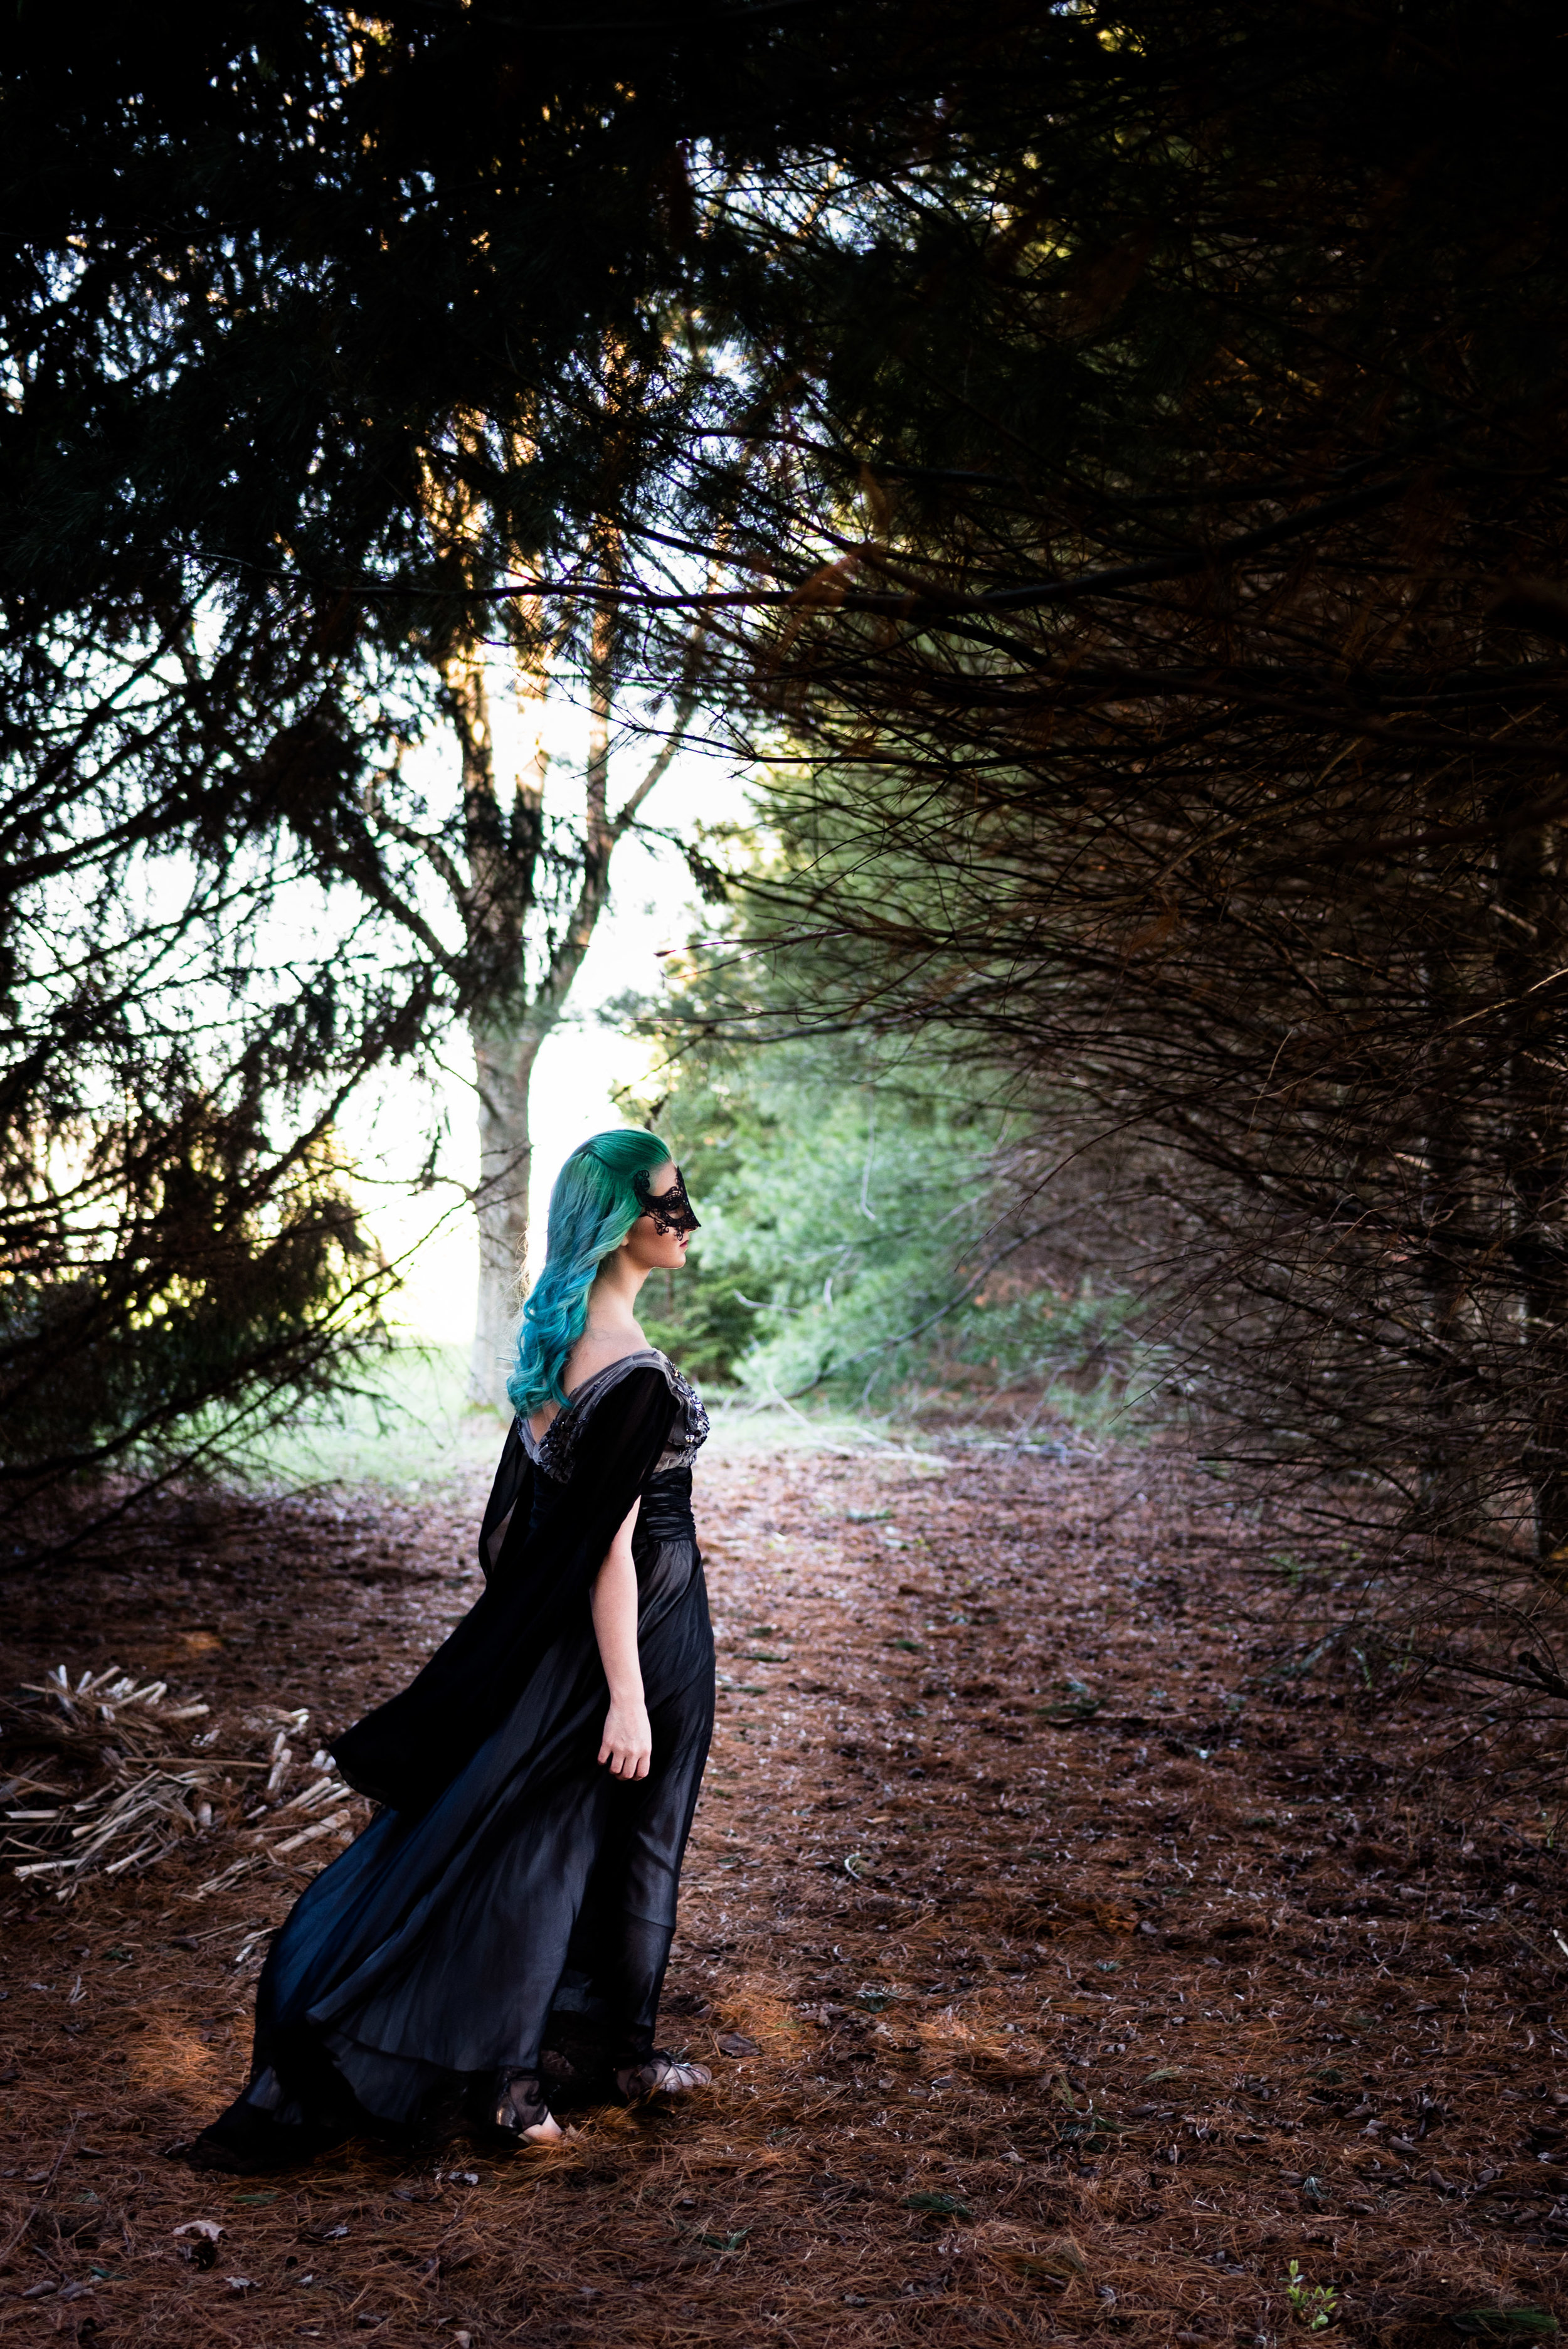 toledo model themed photo shoot black dress holloween-6.jpg